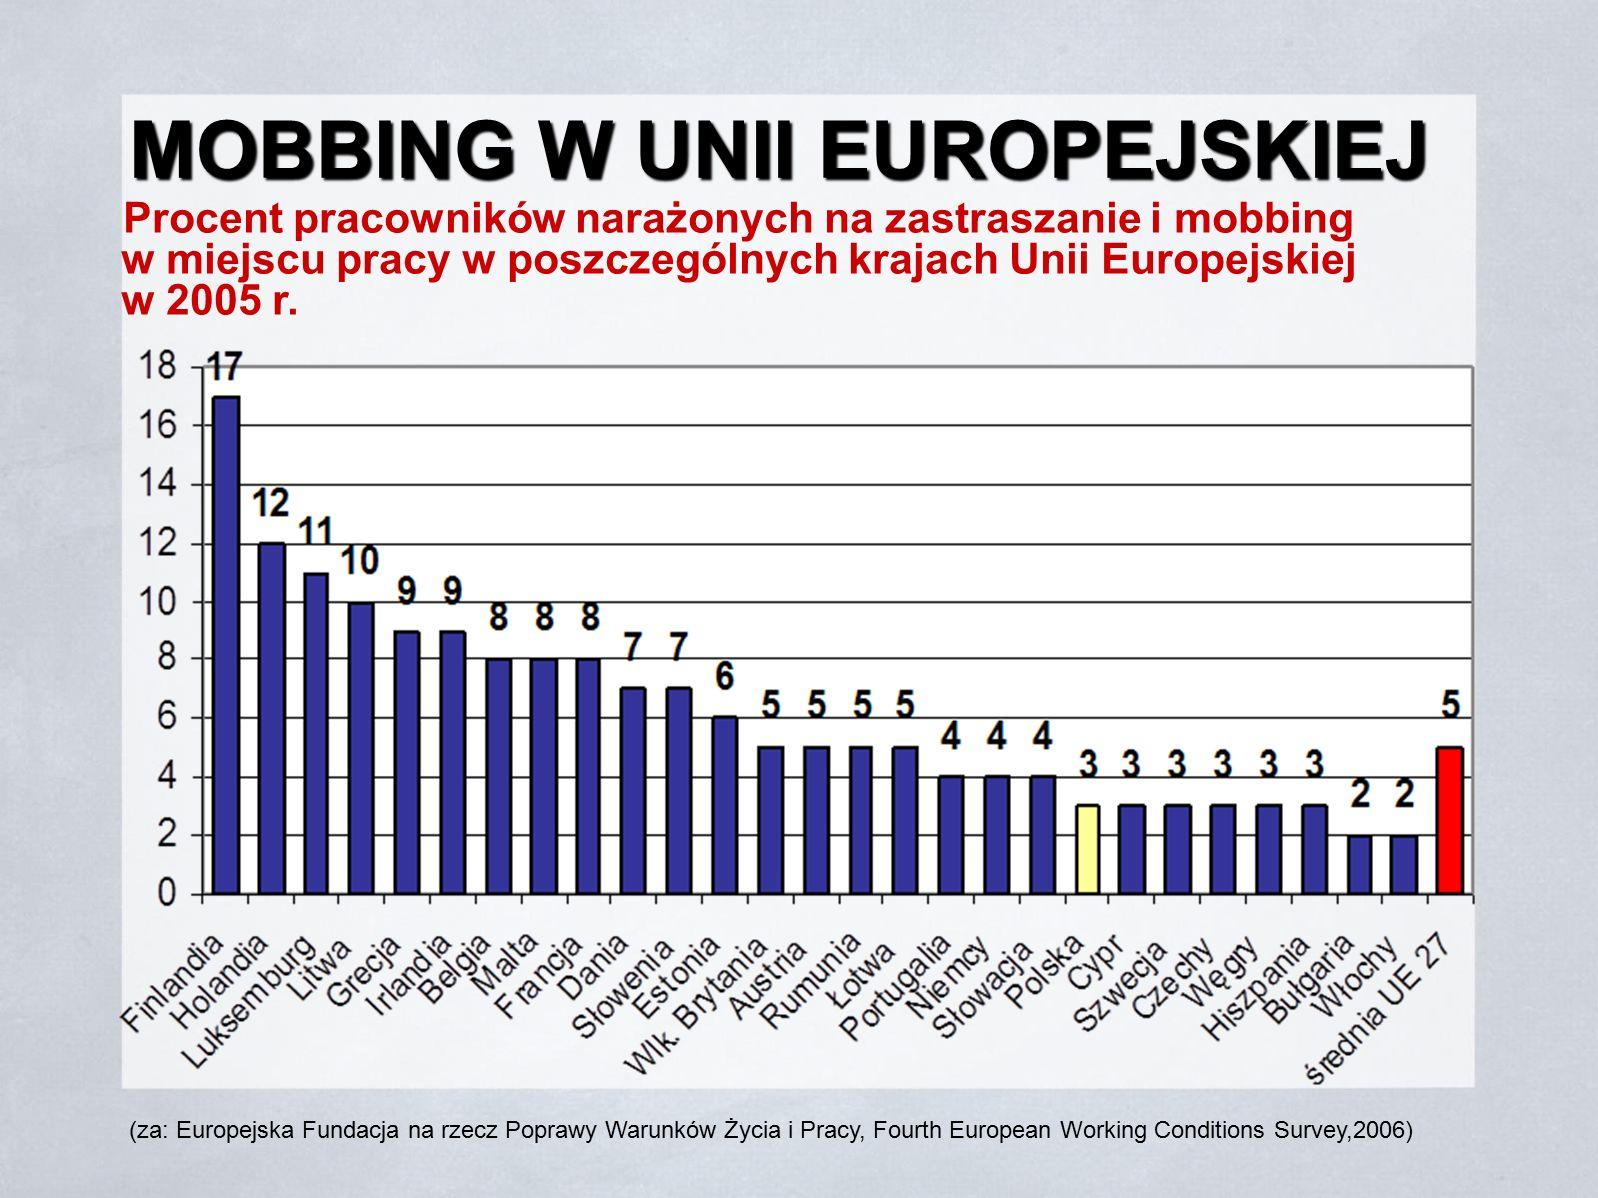 MOBBING W UNII EUROPEJSKIEJ